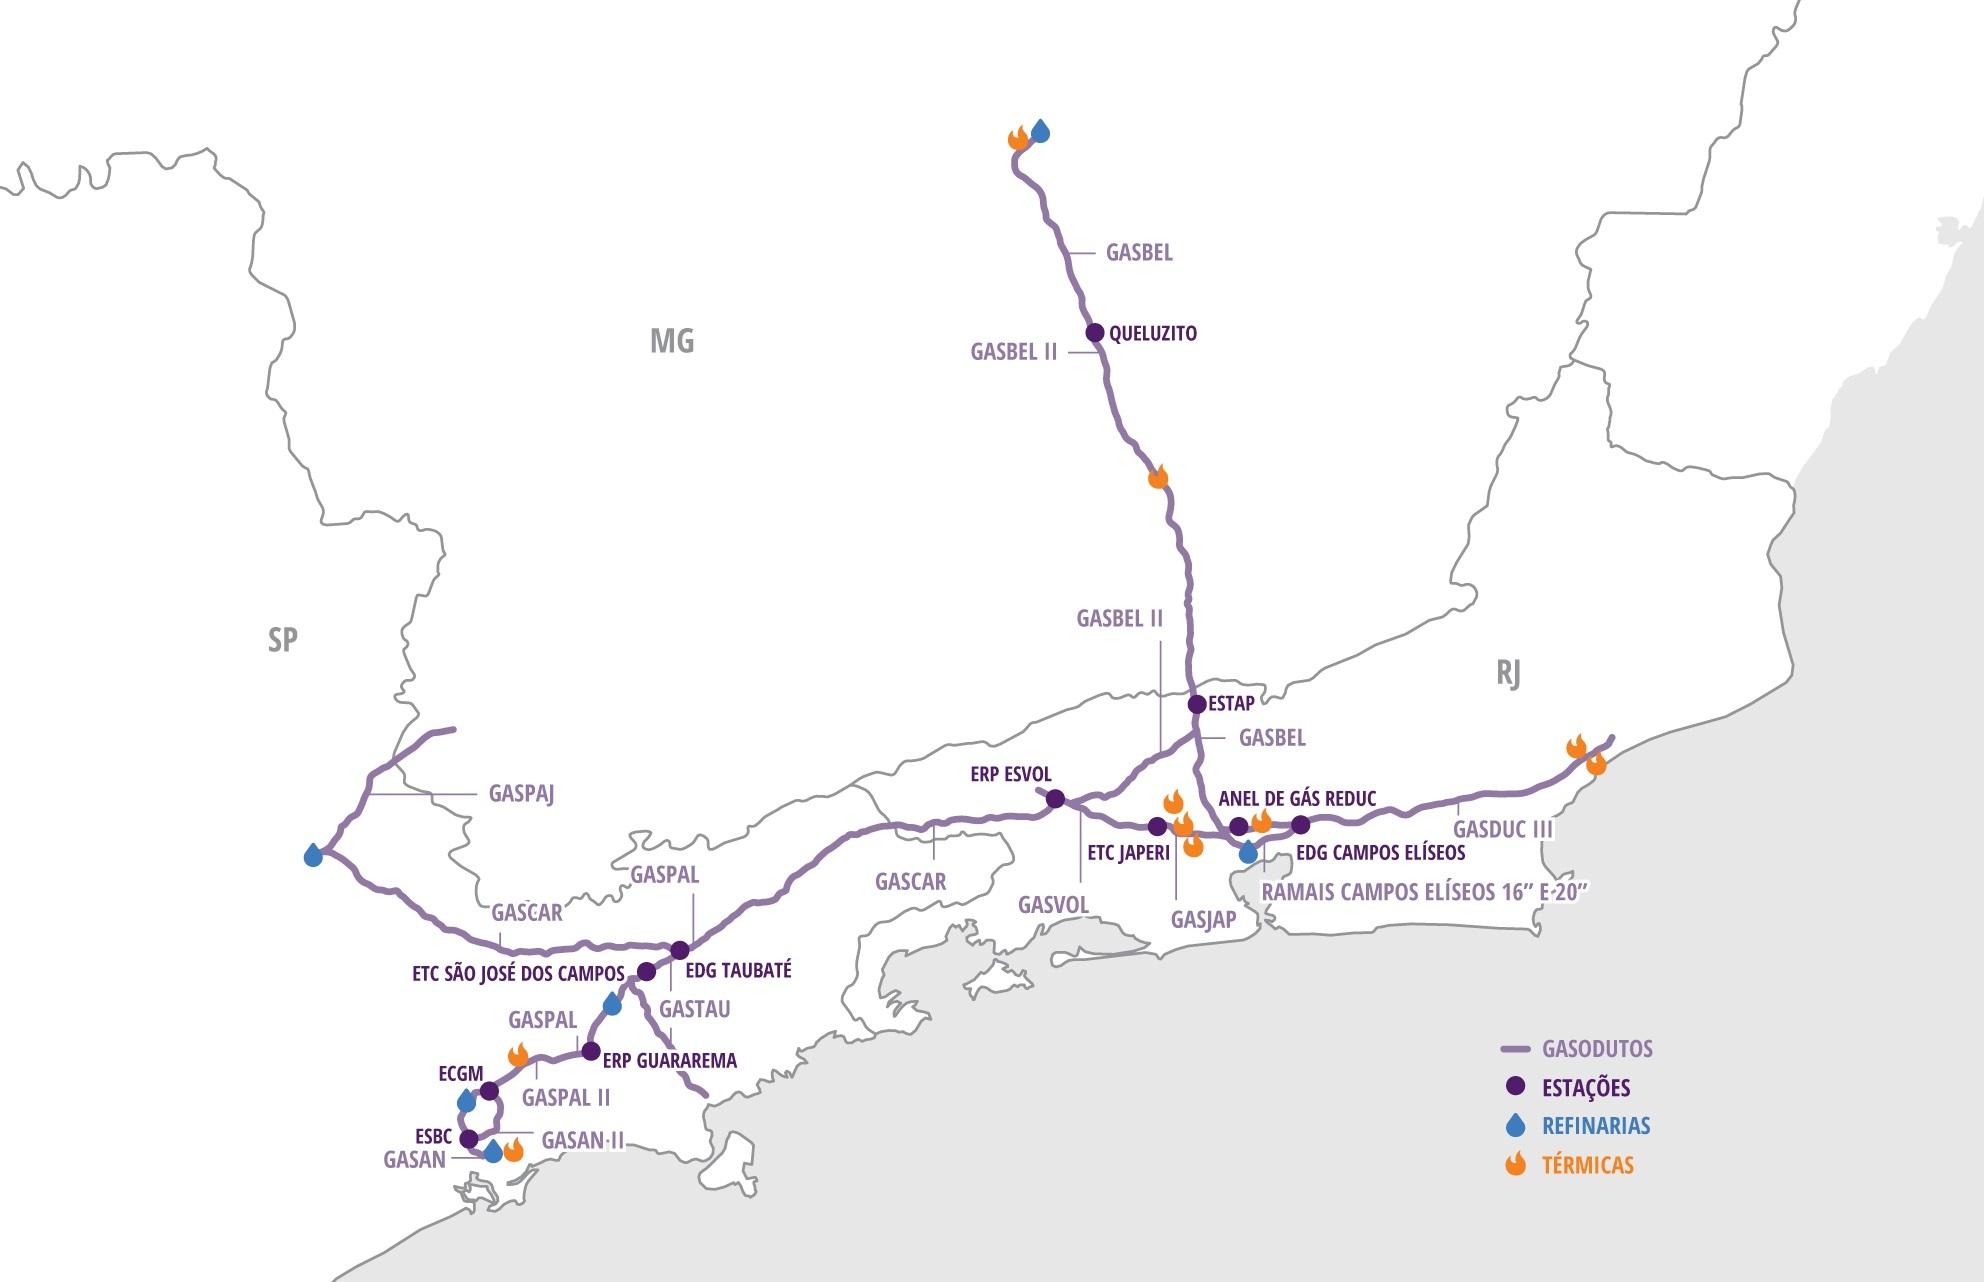 brookfield_2018_04-01_infraestrutura-nts_mapa-gasodutos.jpg